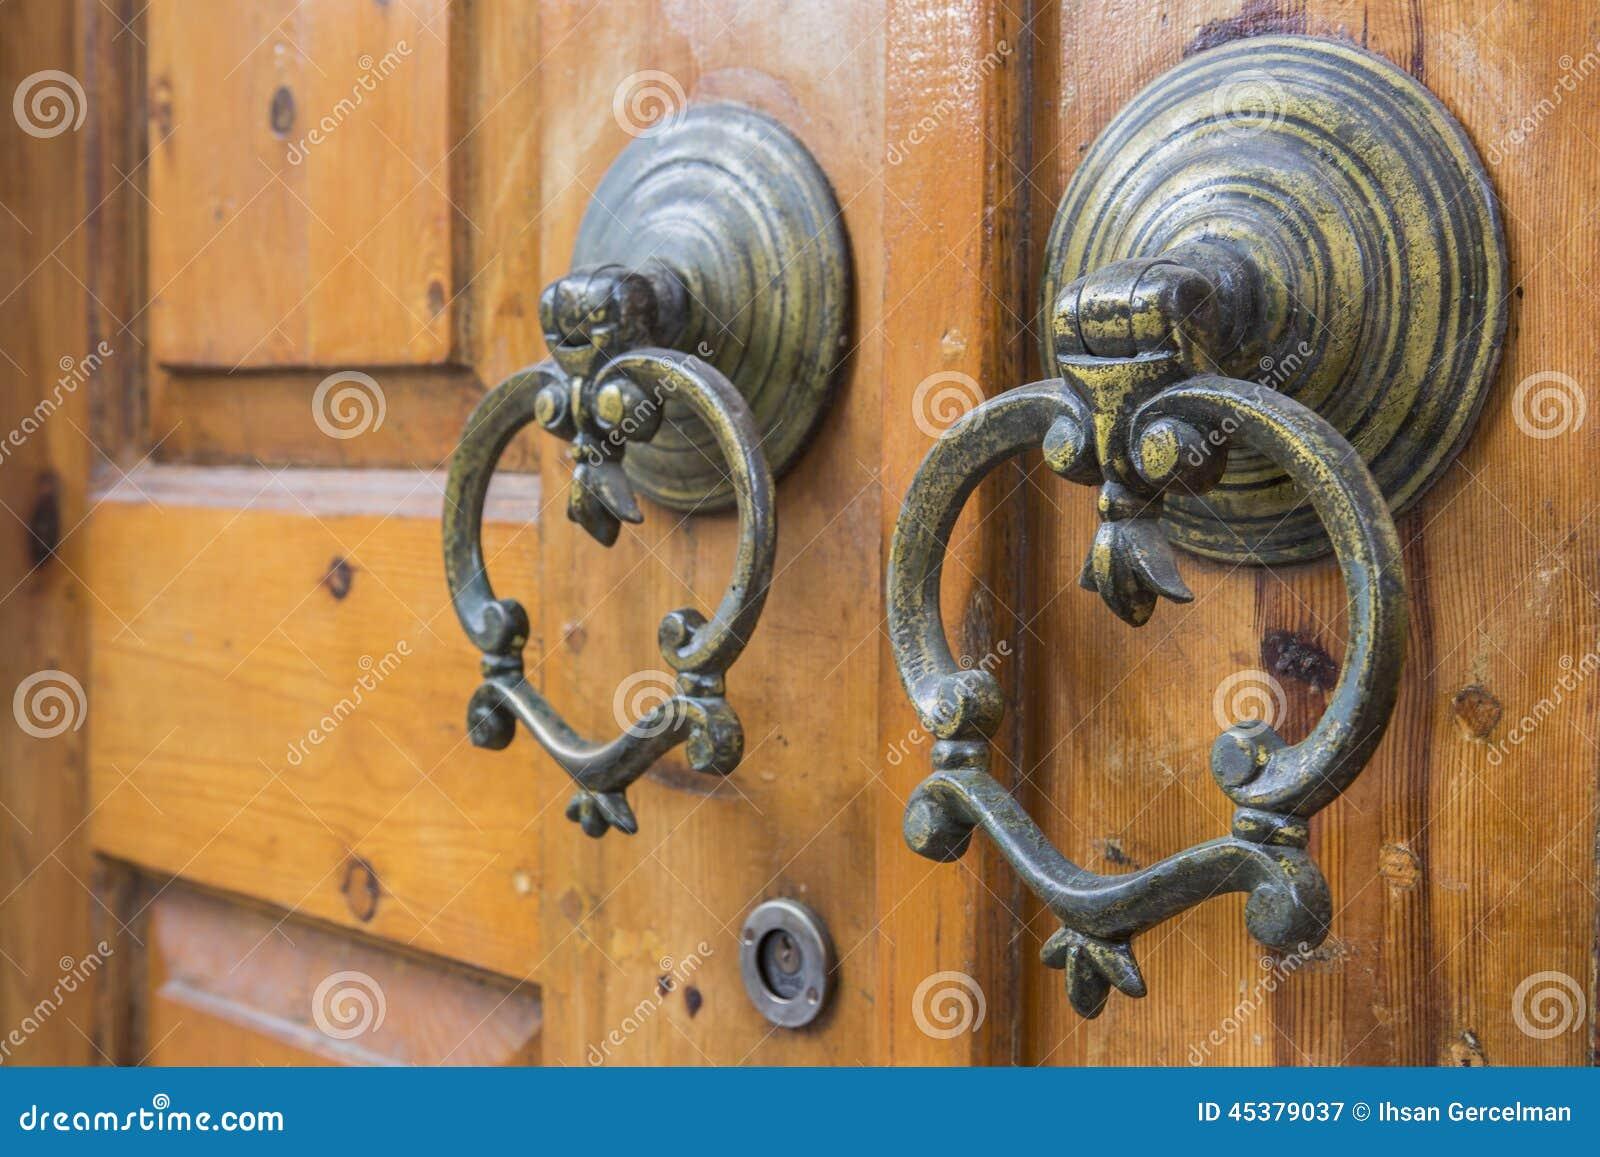 Macro view of antique door handles